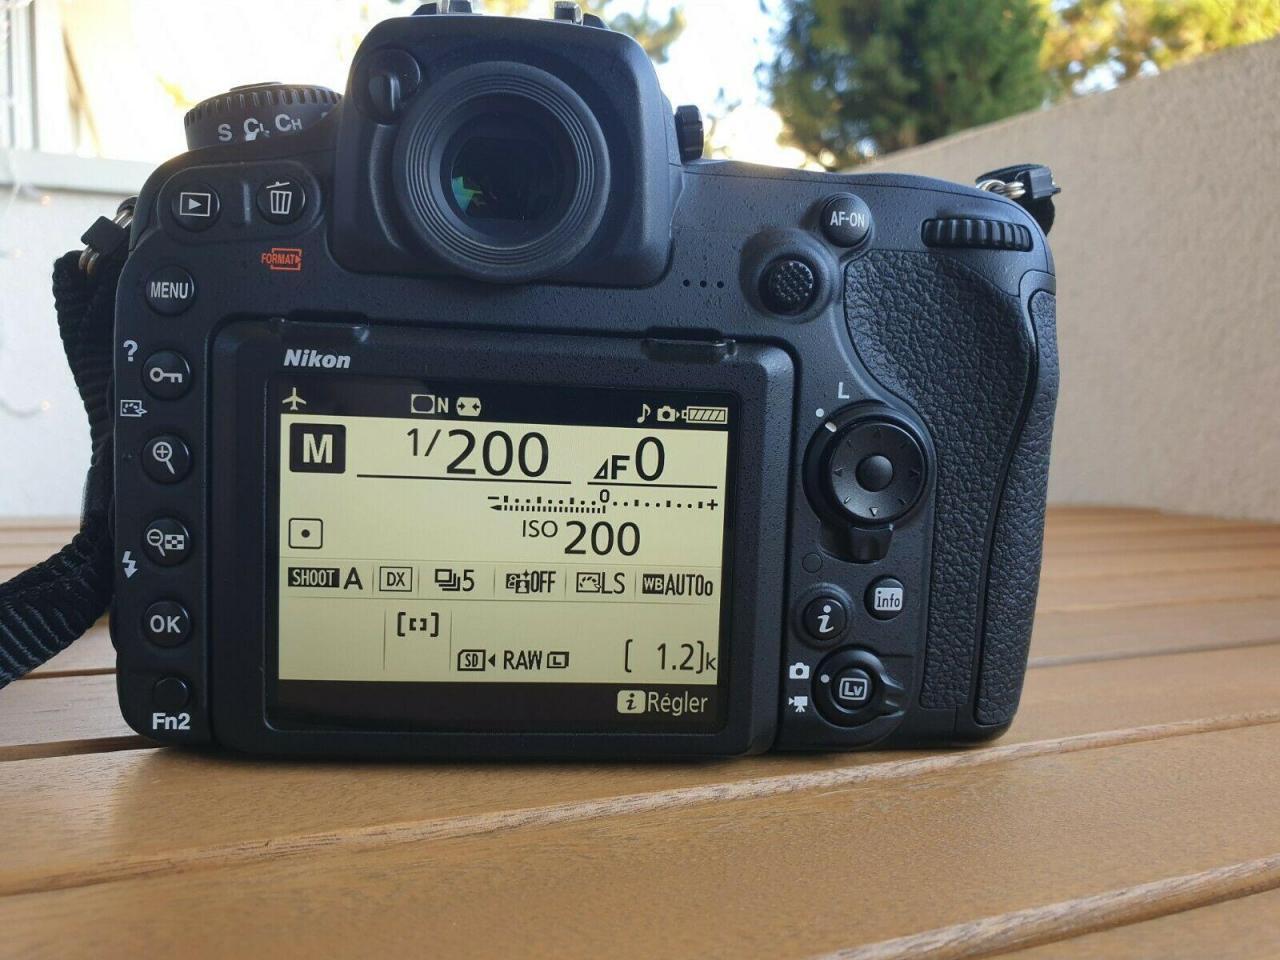 Nikon D500 камера в идеальном состоянии для продажи - 5